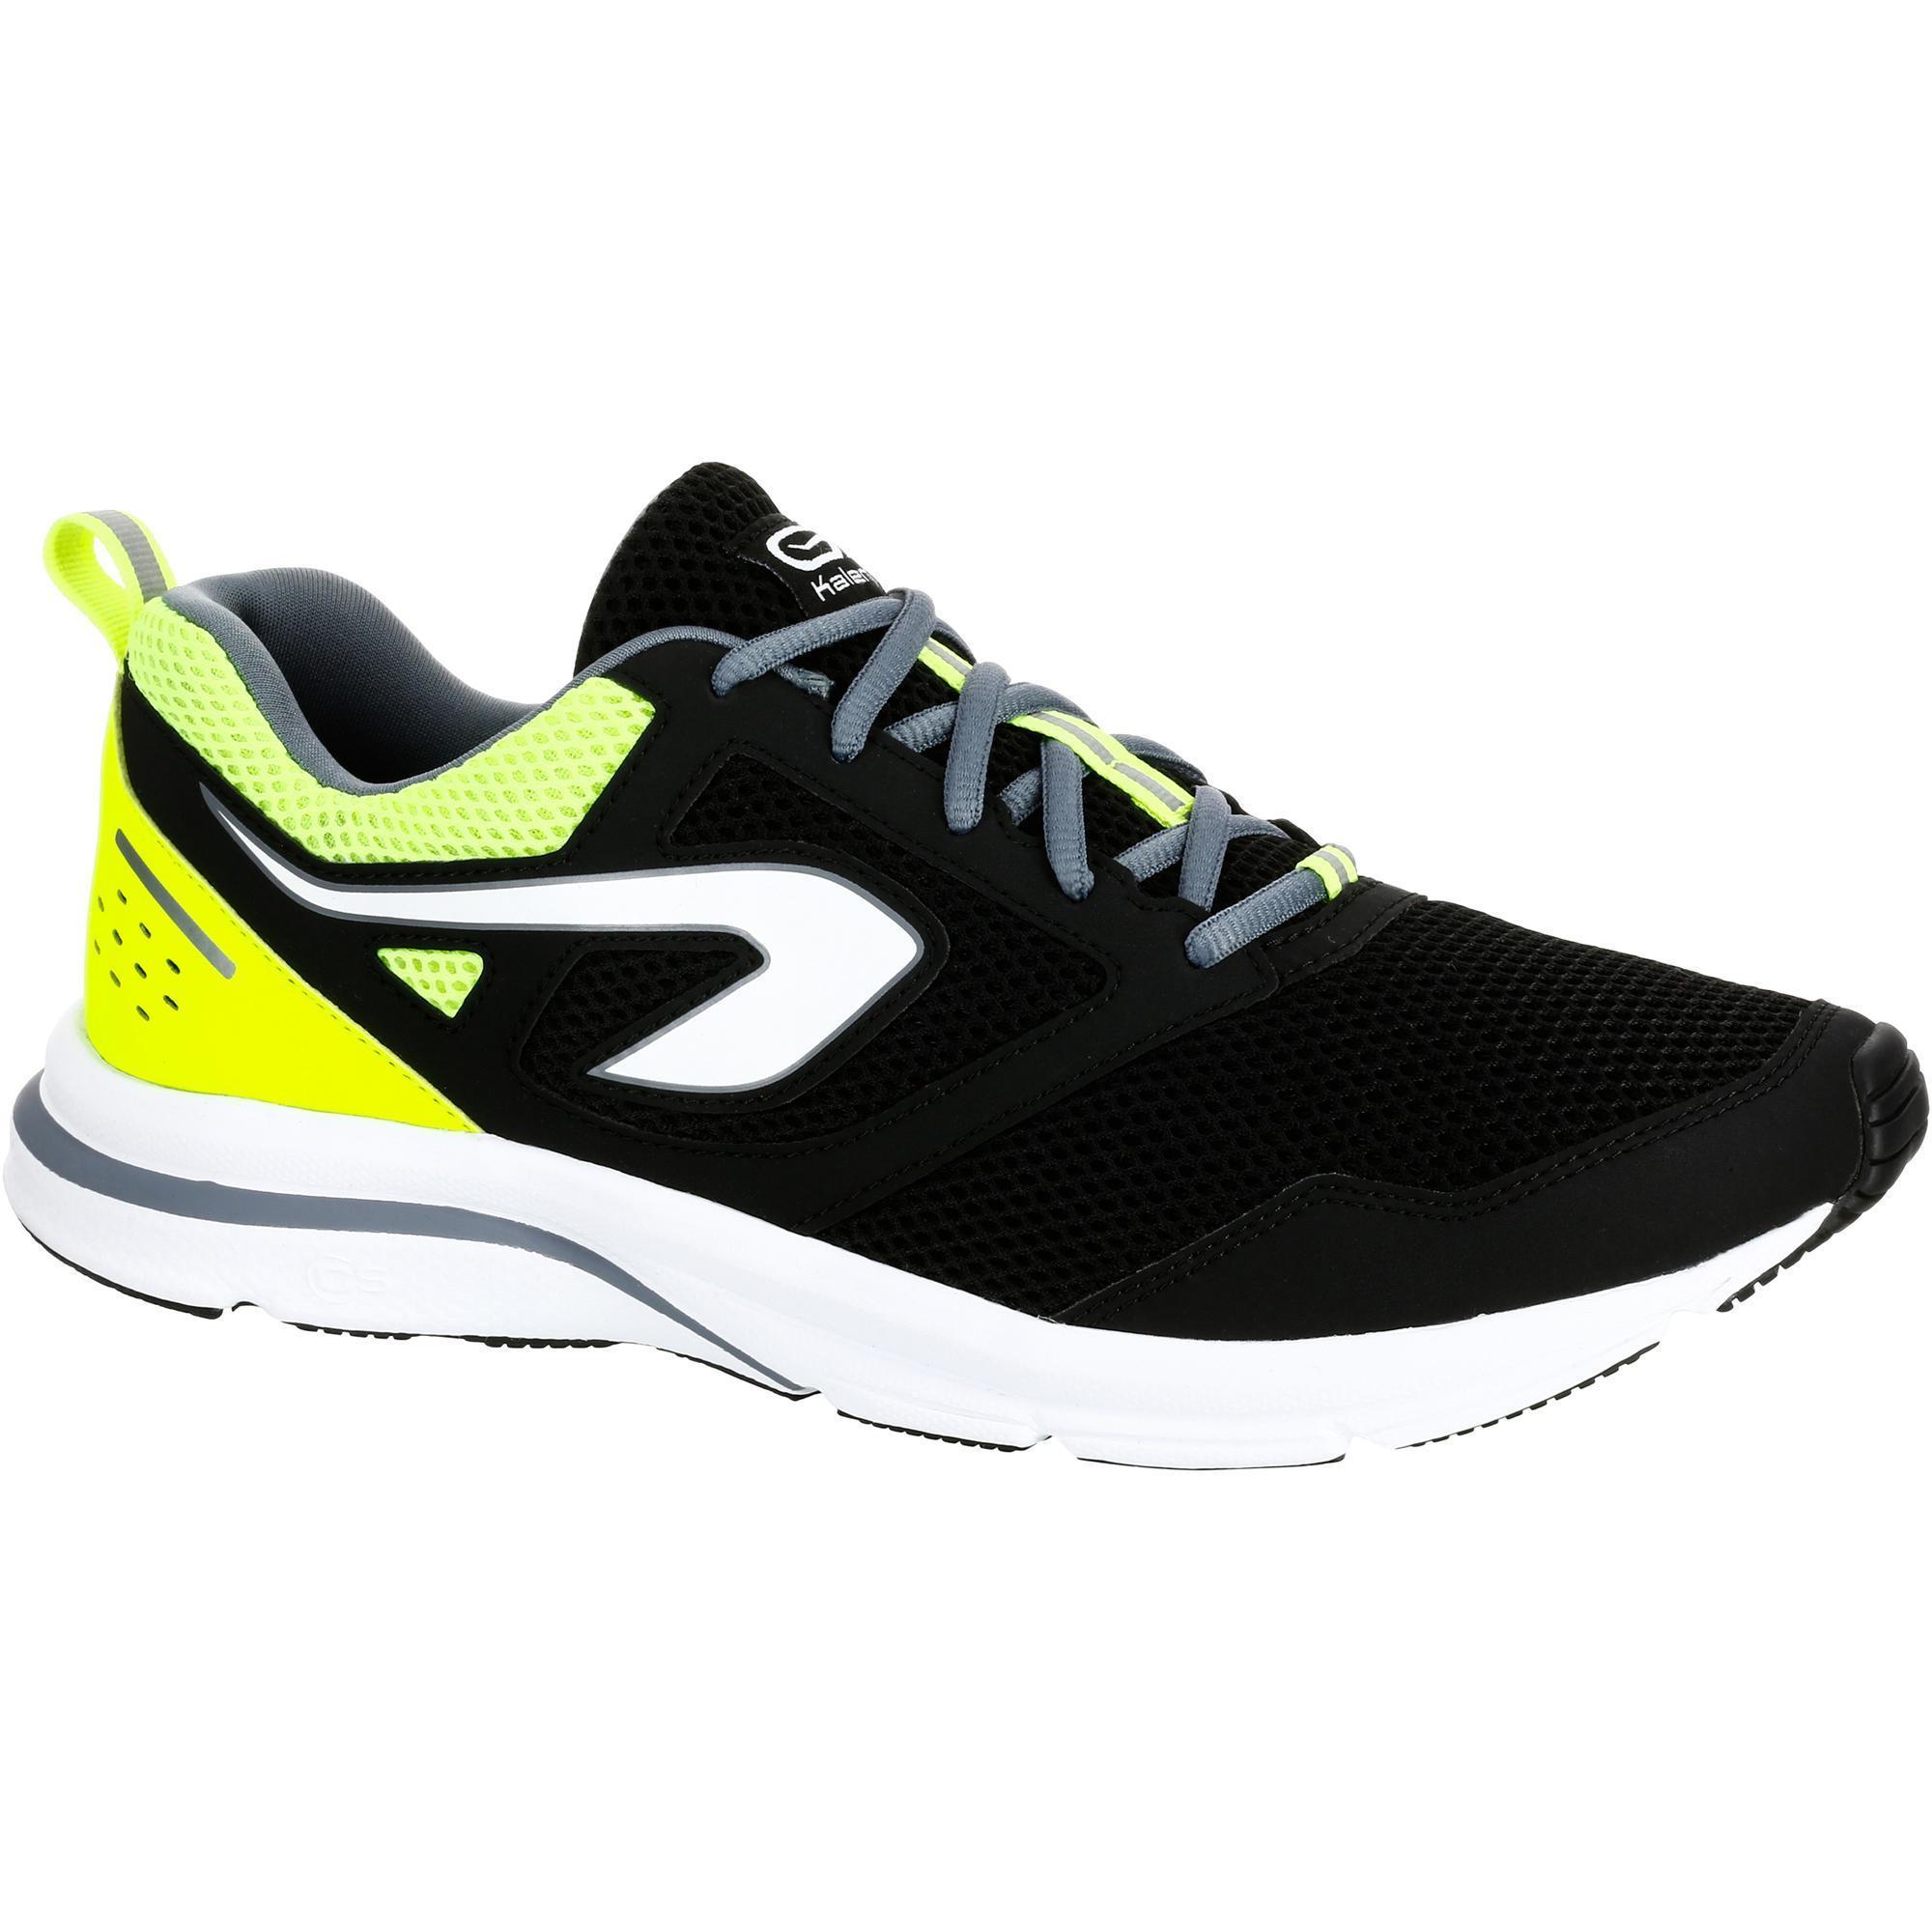 fa15549c9ce Kalenji Hardloopschoenen voor heren Run Active zwart/geel 2505923 Alles  voor het hardlopen Hardlopen